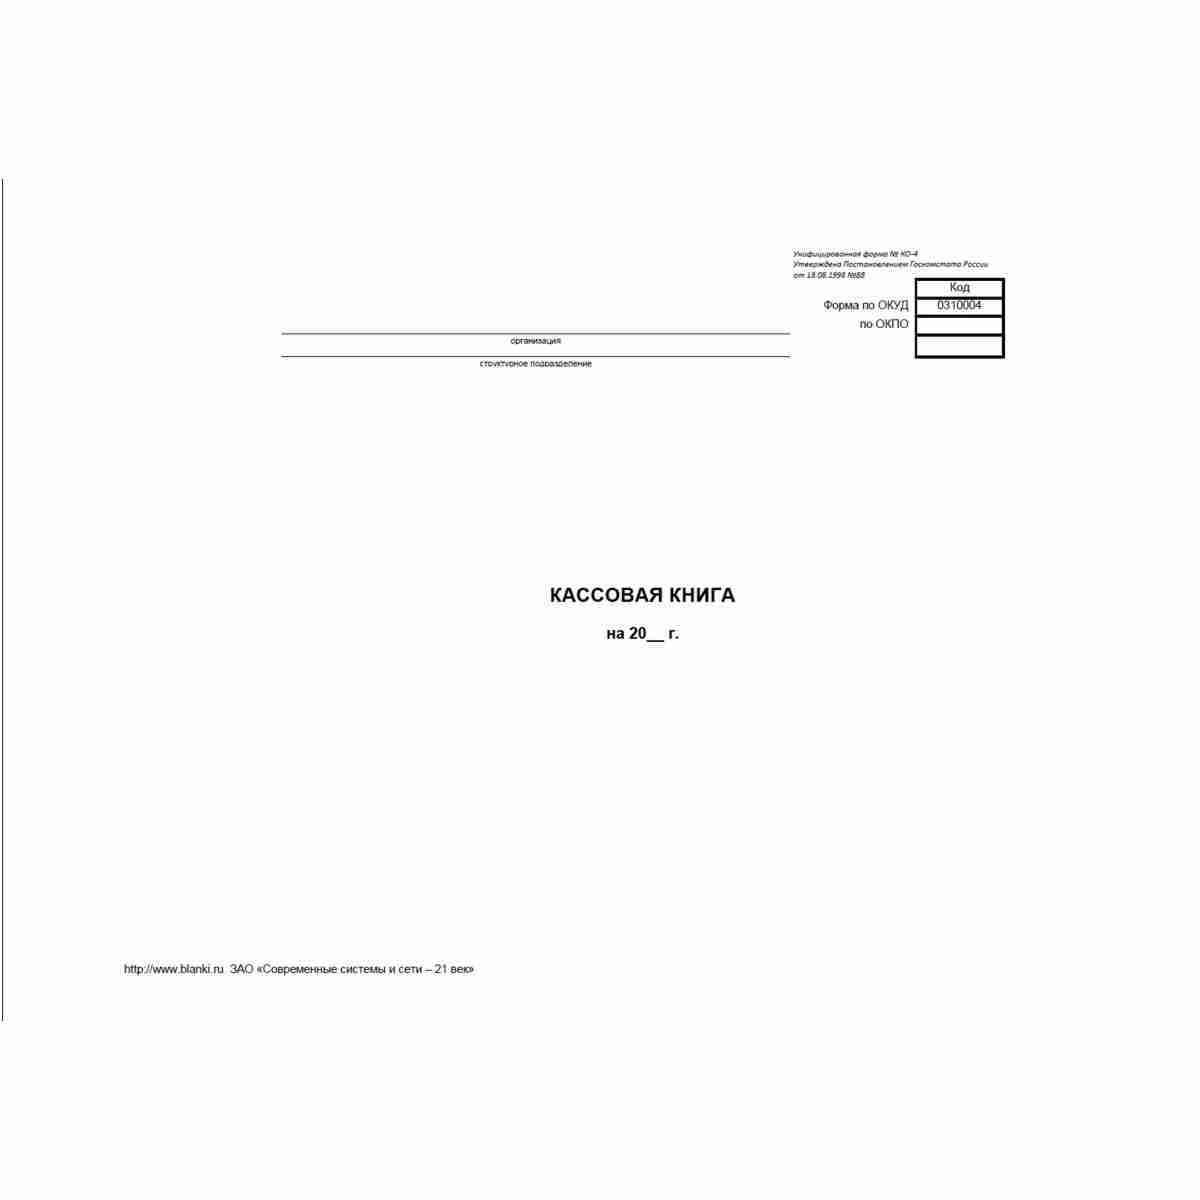 """Унифицированная форма №КО-4 """"Кассовая книга"""". Обложка и титульный лист"""